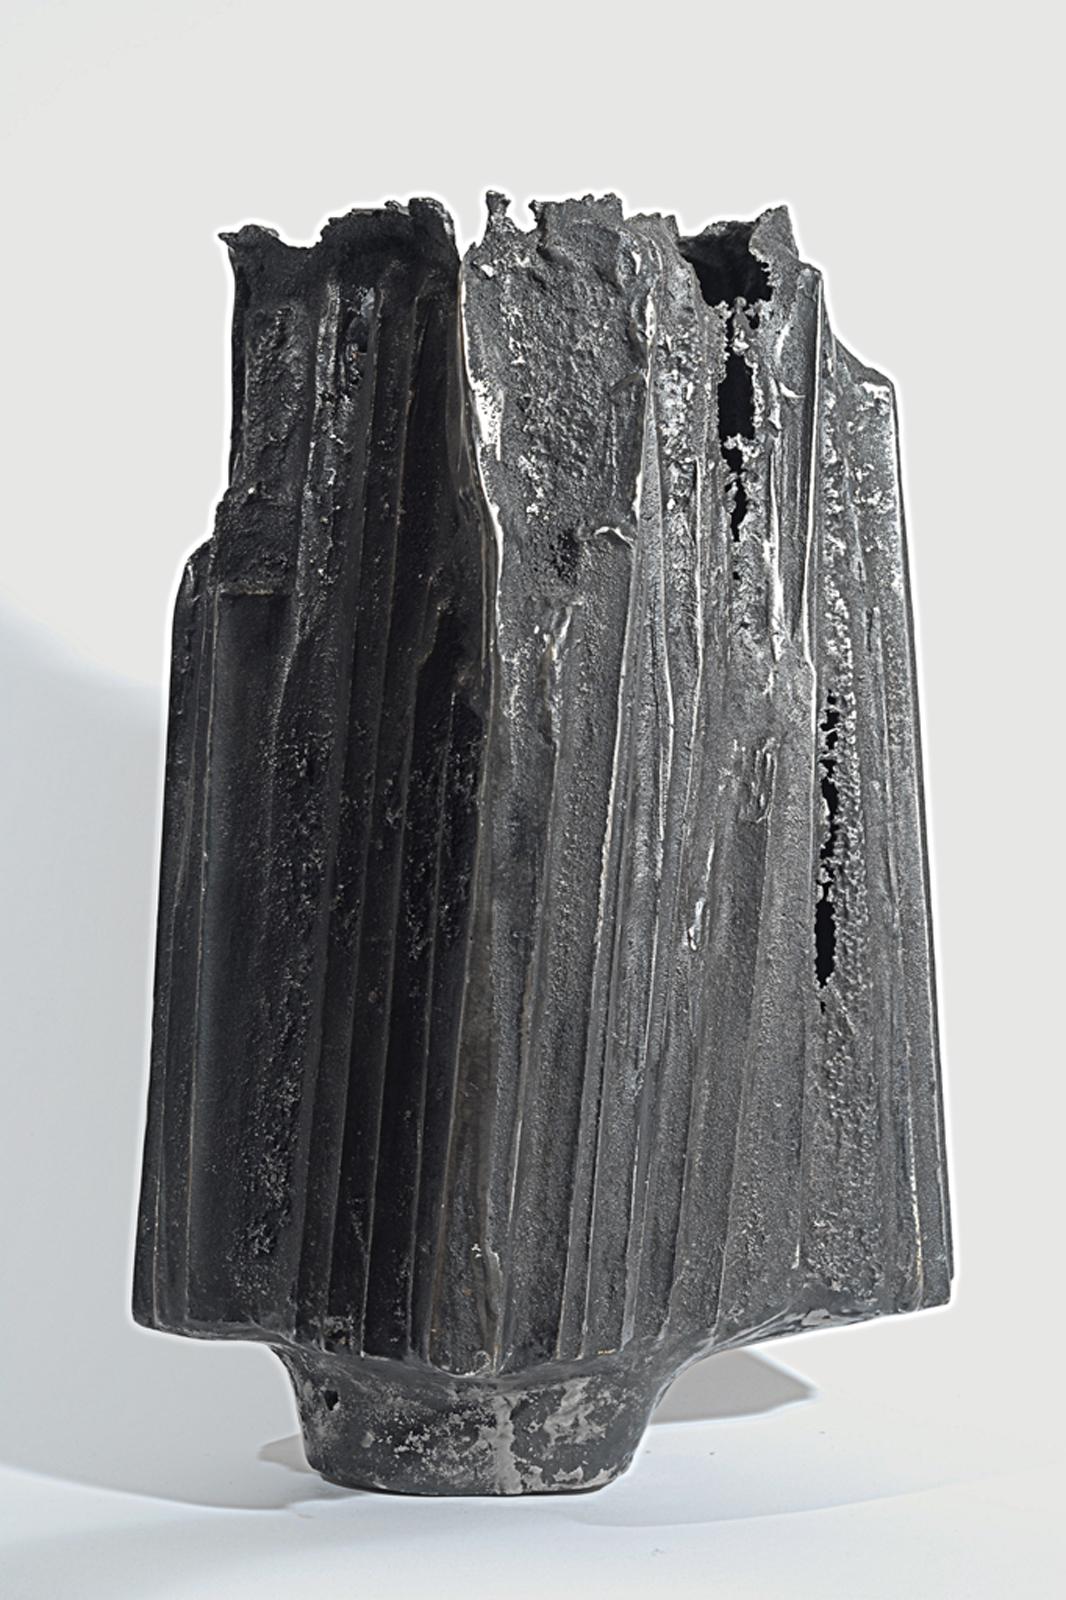 DF Glidden - cast iron